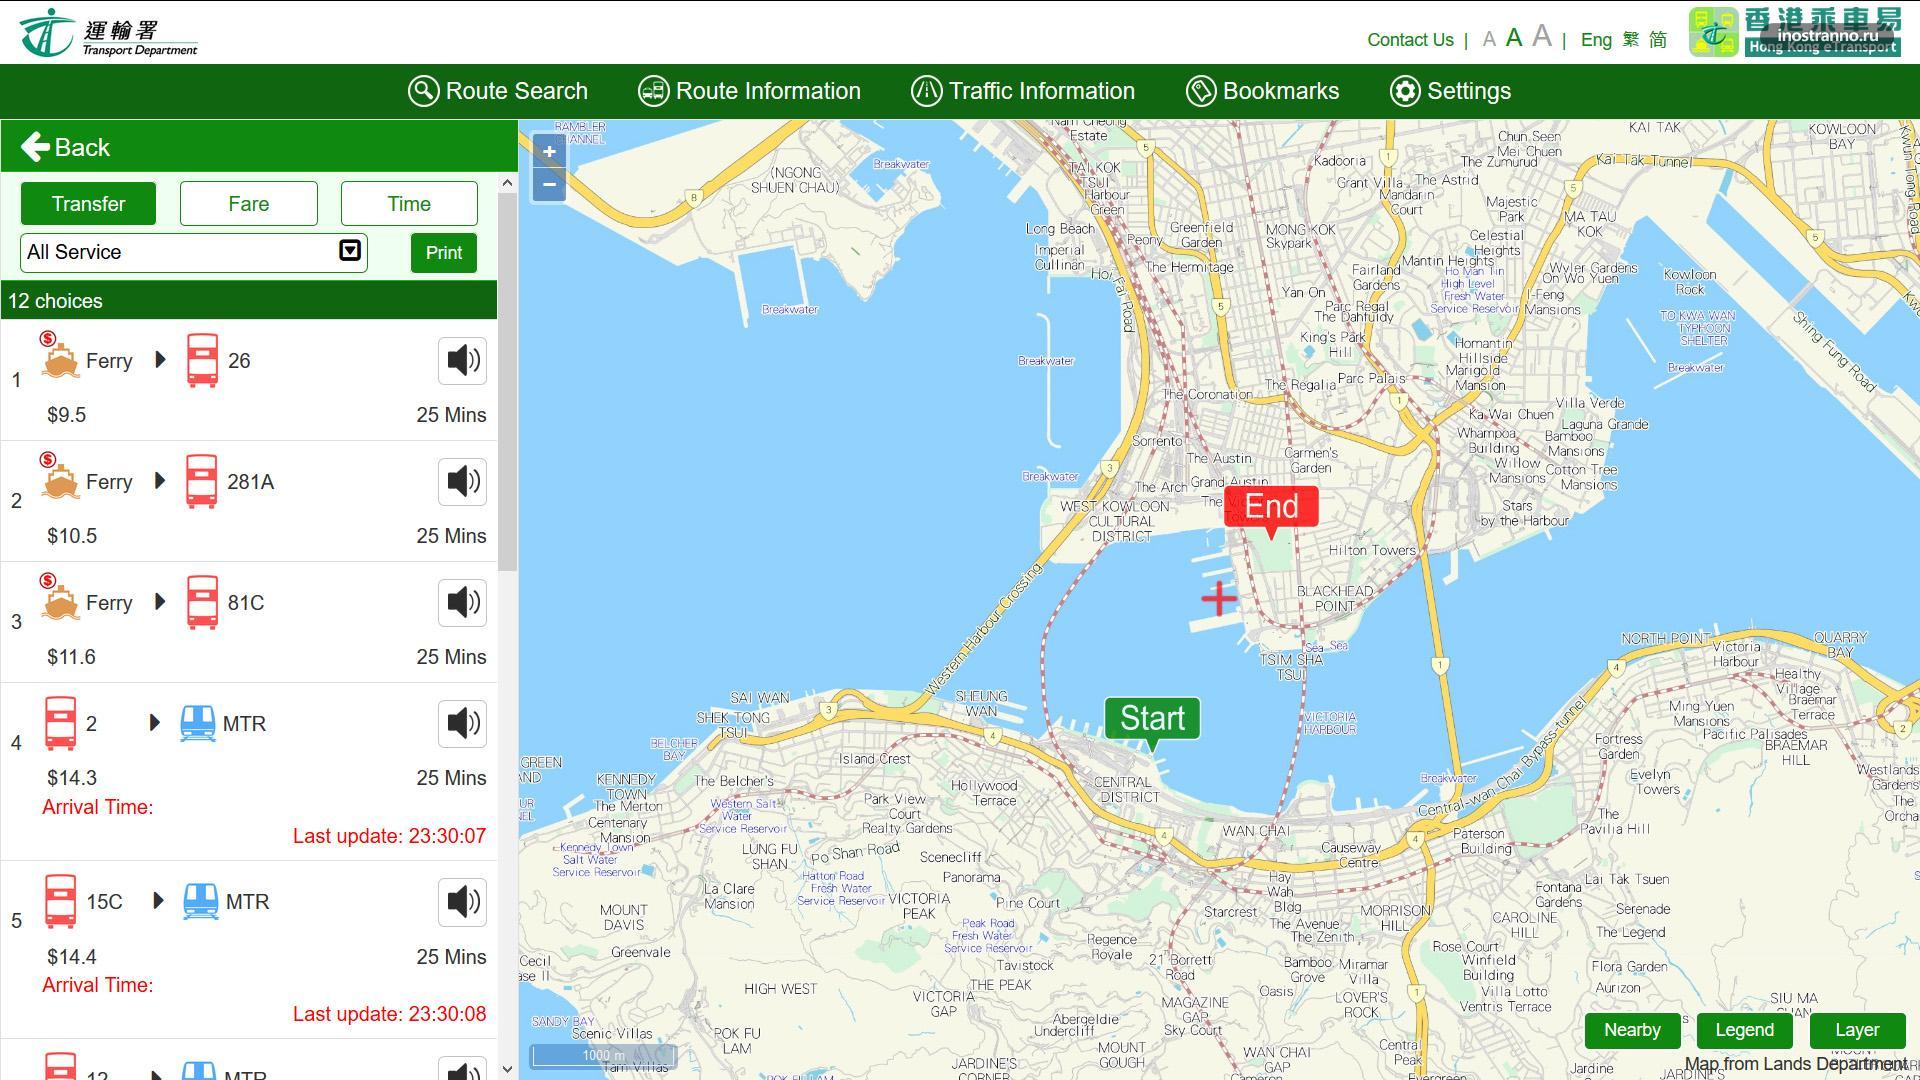 Официальный сайт общественного транспорта в Гонконге